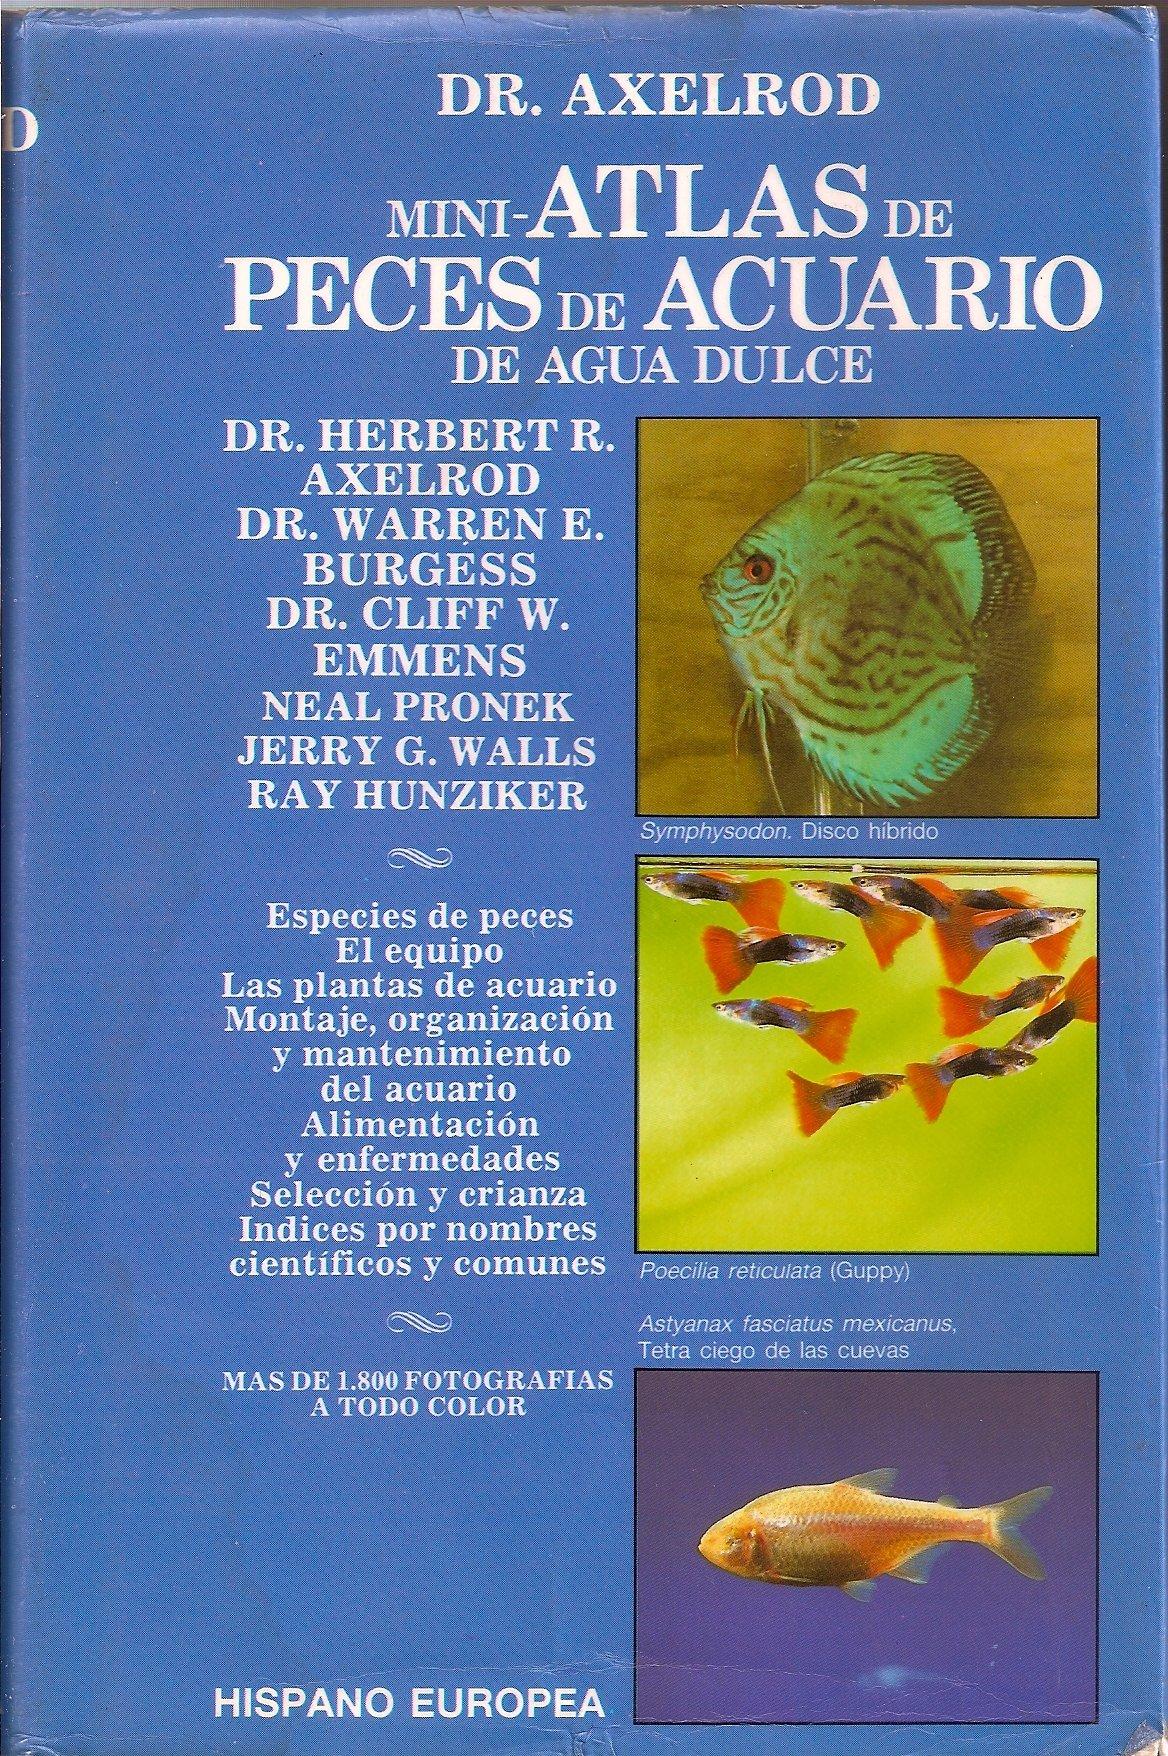 Mini atlas de peces de acuario agua dulce: Amazon.es: Herbert Axelrod: Libros